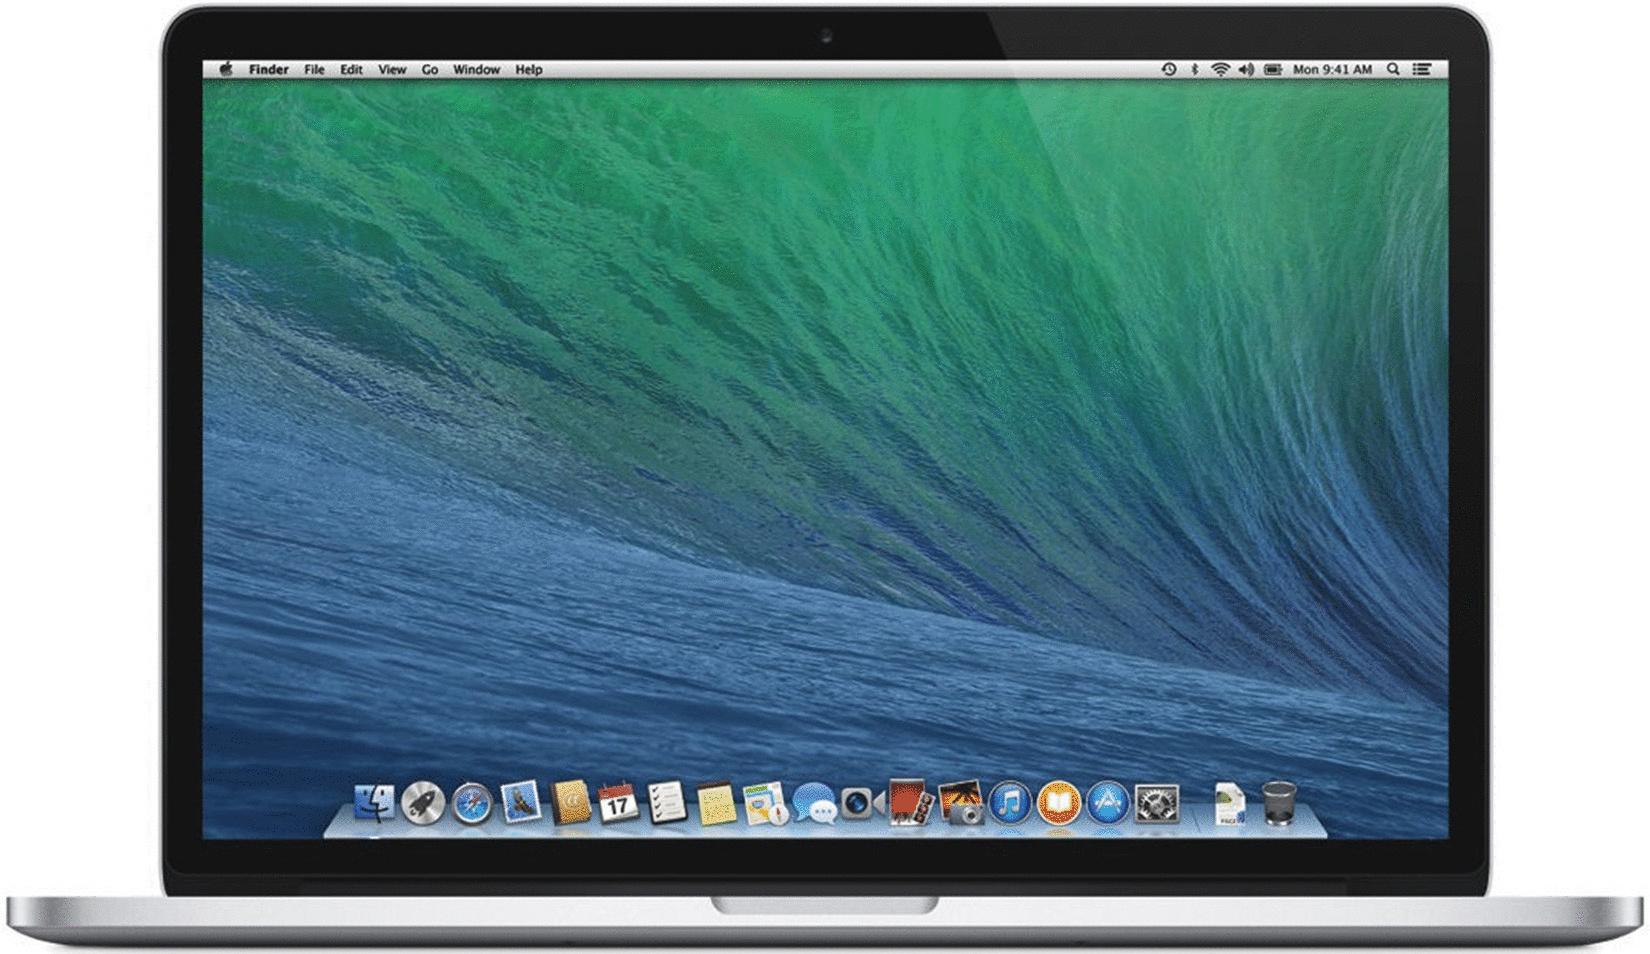 Apple MacBook Pro 13.3 (Retina Display) 2.6 GHz...